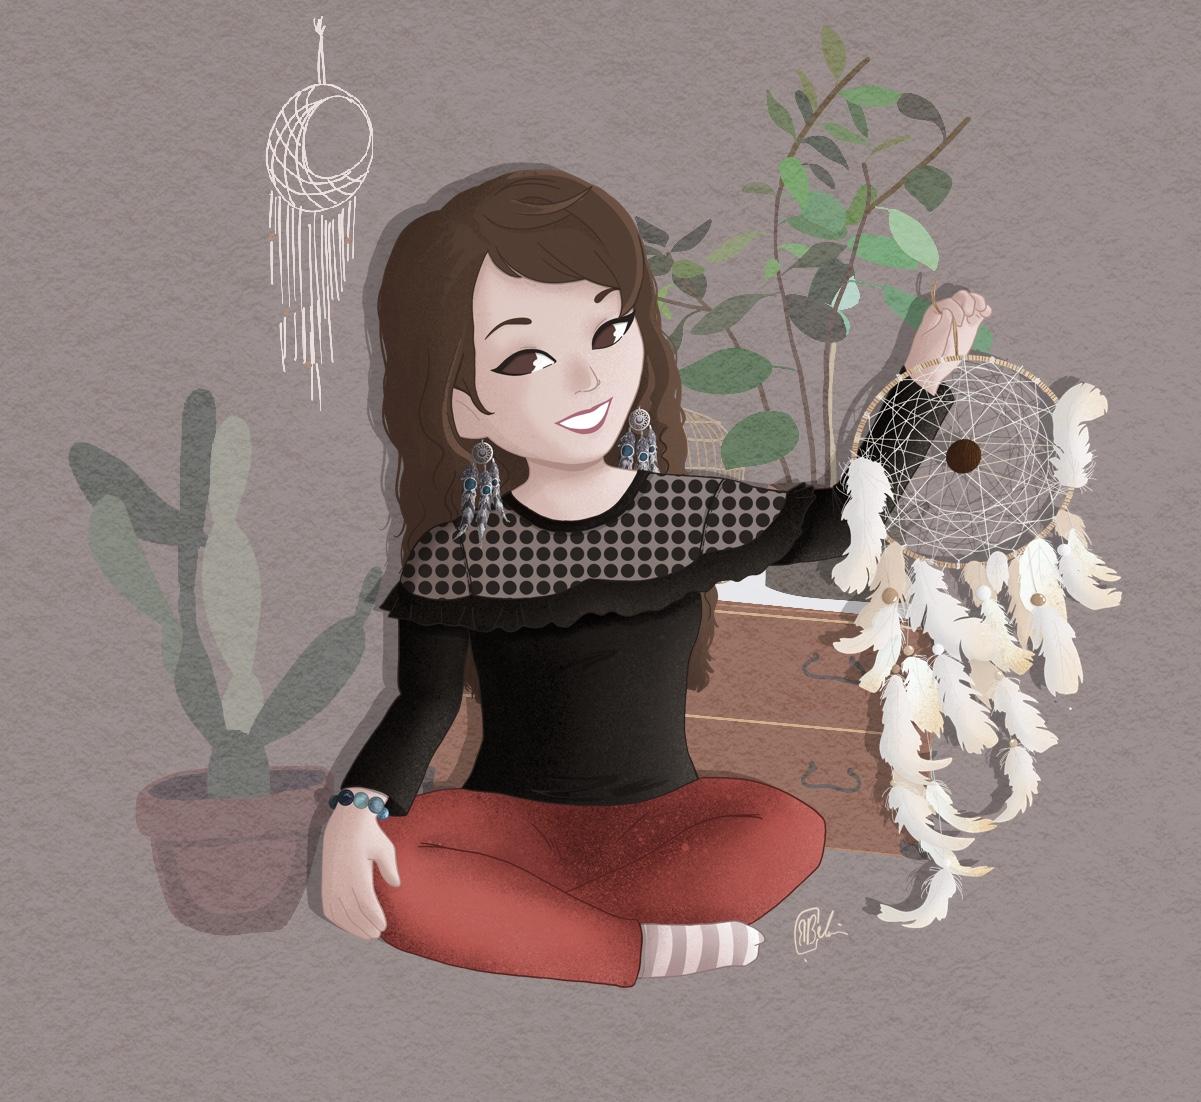 Attrape-rêves artisanaux faits main en France, décoration d'intérieur, amérindien, bohème, ethnique